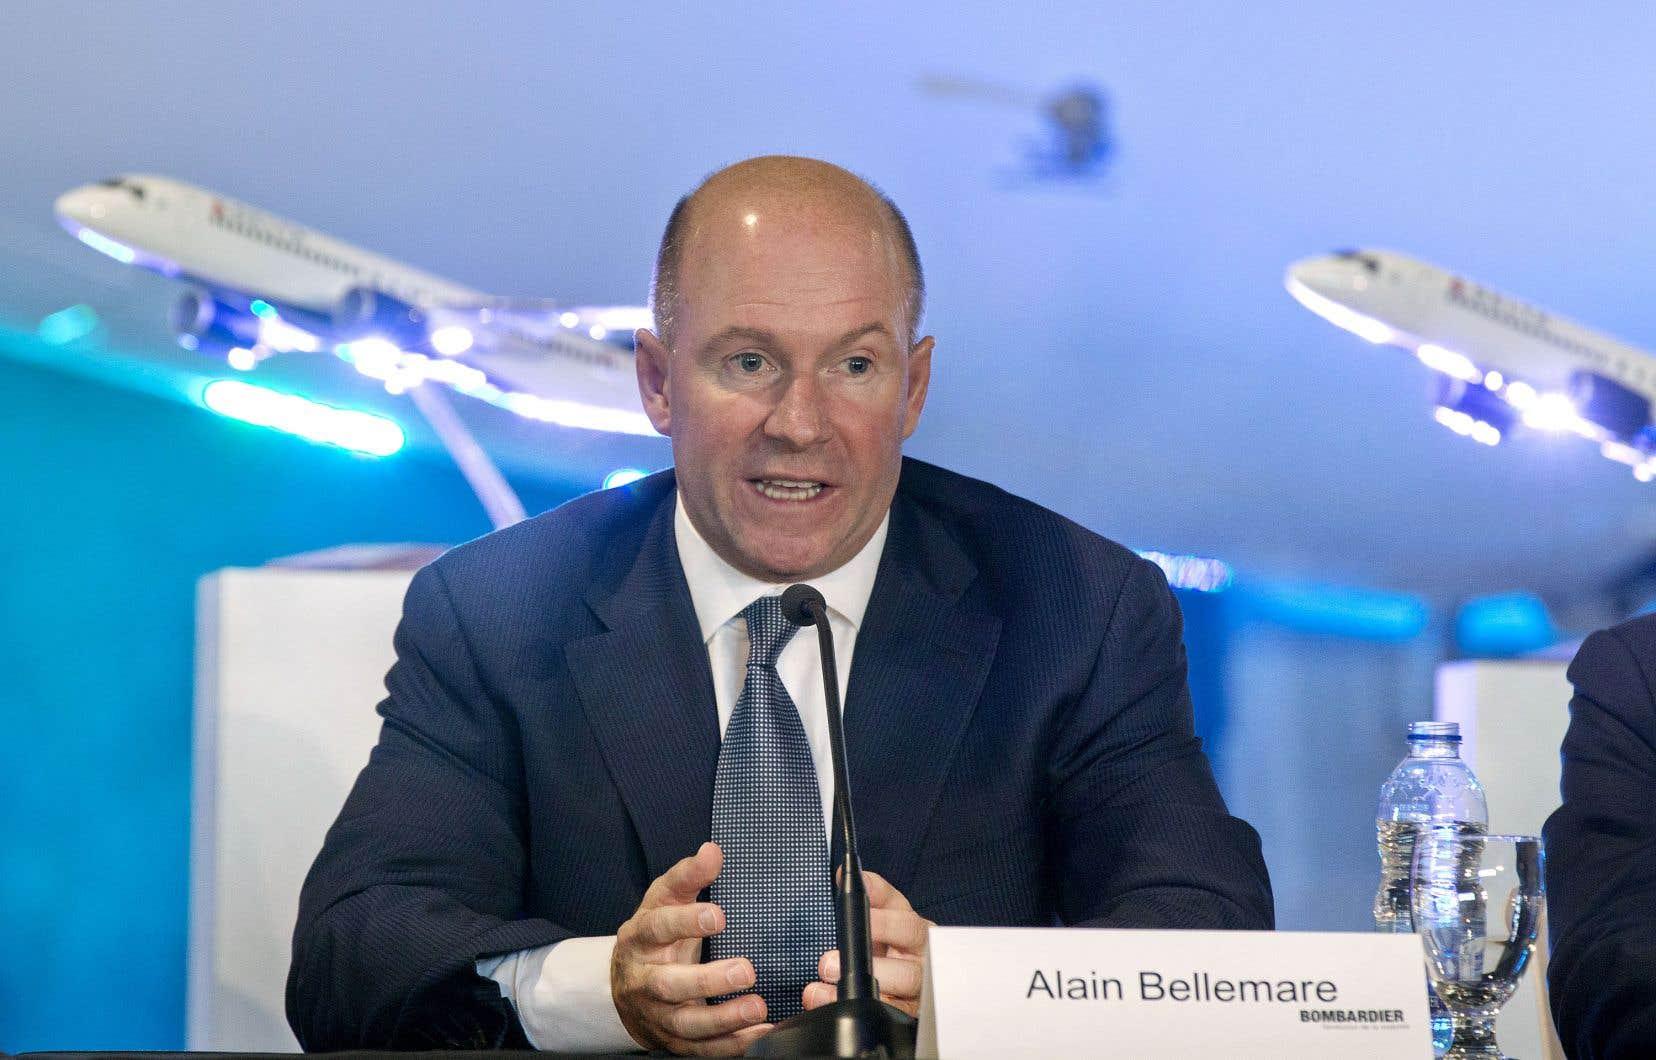 Le président et chef de la direction de Bombardier, Alain Bellemare, a tenté de régler le différend avec Mitsubishi à propos d'un vol présumé de propriété intellectuelle.